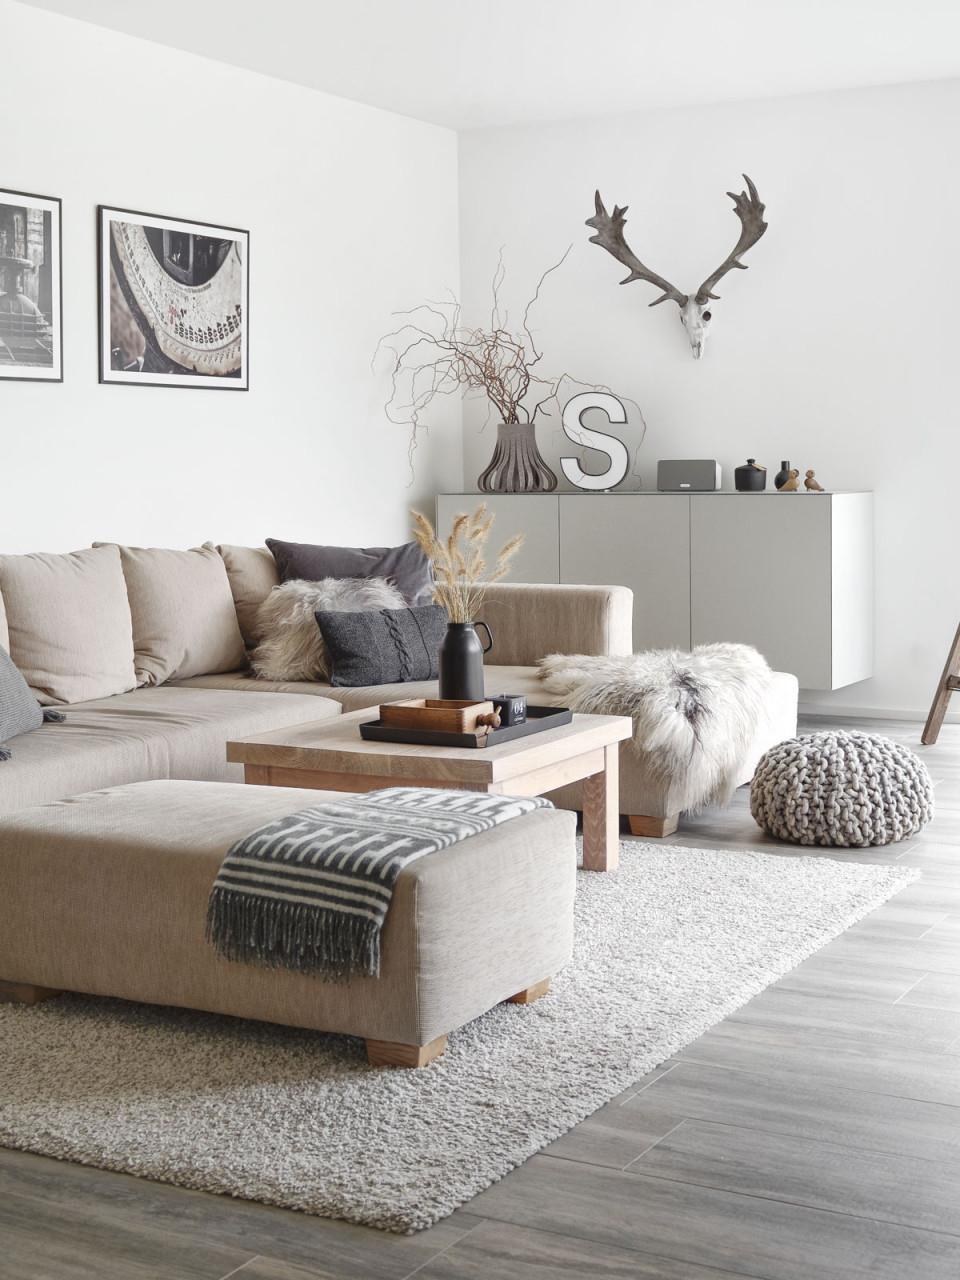 Dekoration  Wandschrank Im Wohnzimmer  Mxliving von Deko Im Wohnzimmer Bild